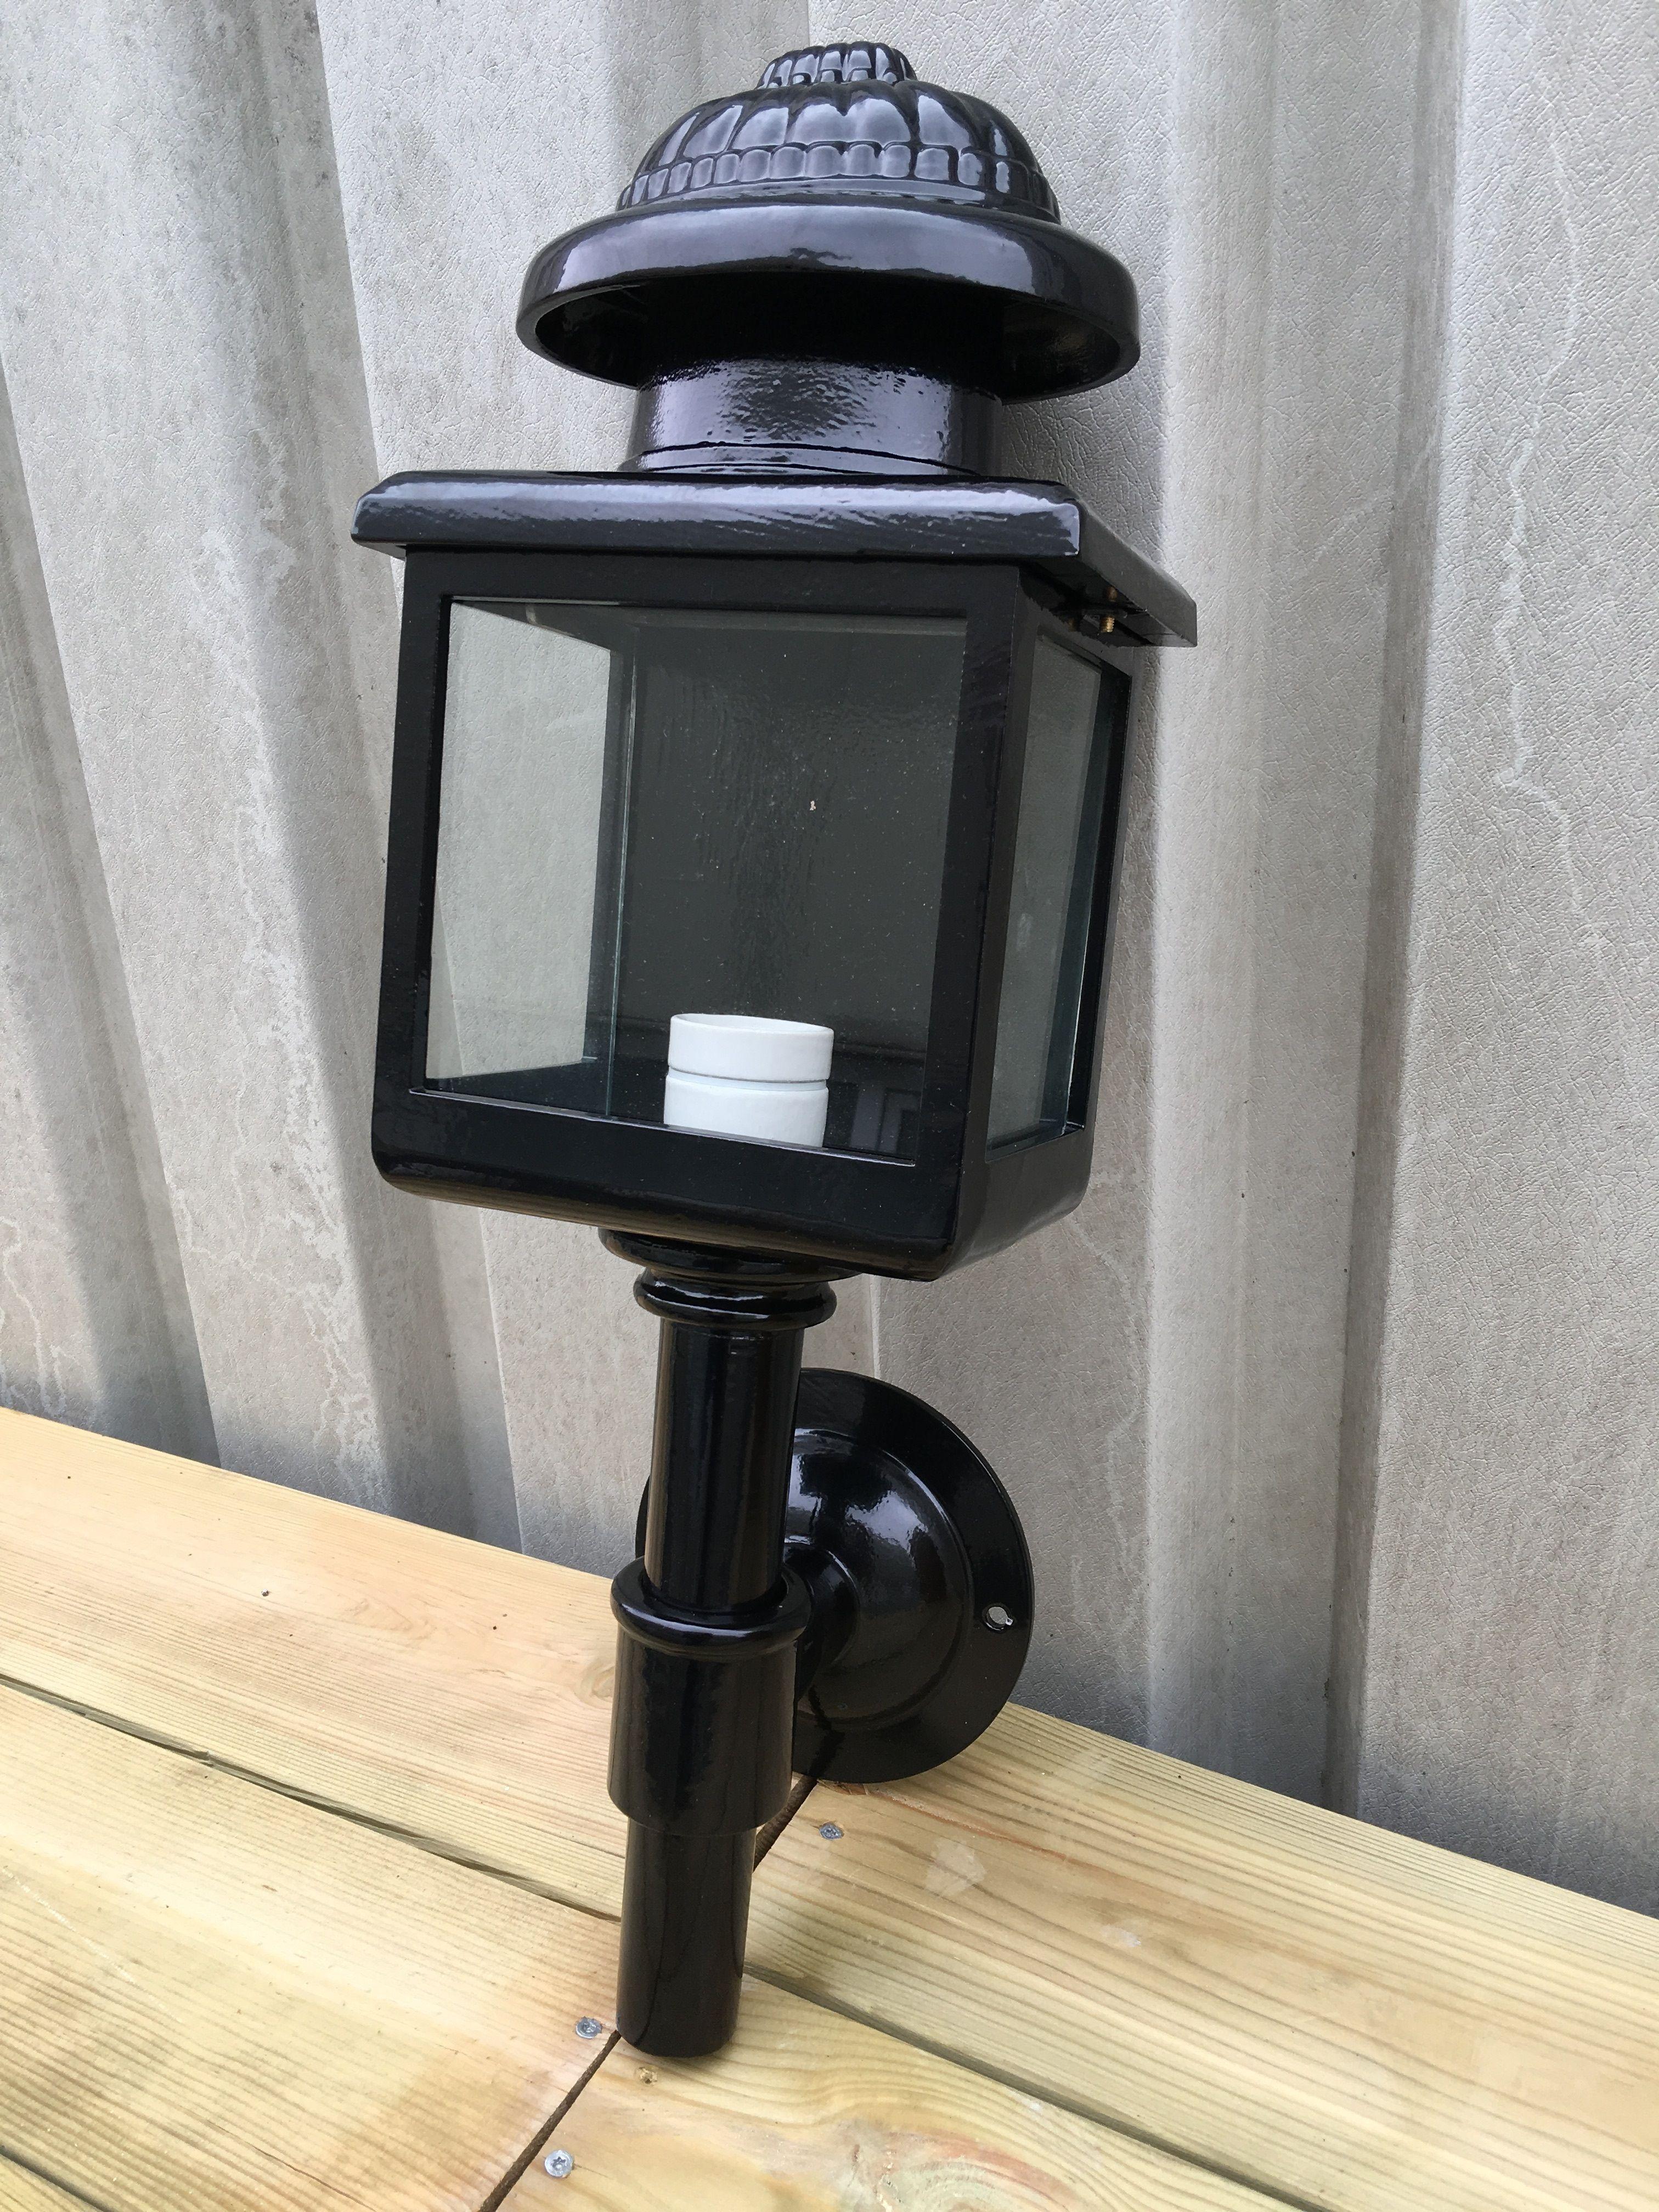 tags: terreinverlichting, buiten lamp vervoer, buitenlampen ...